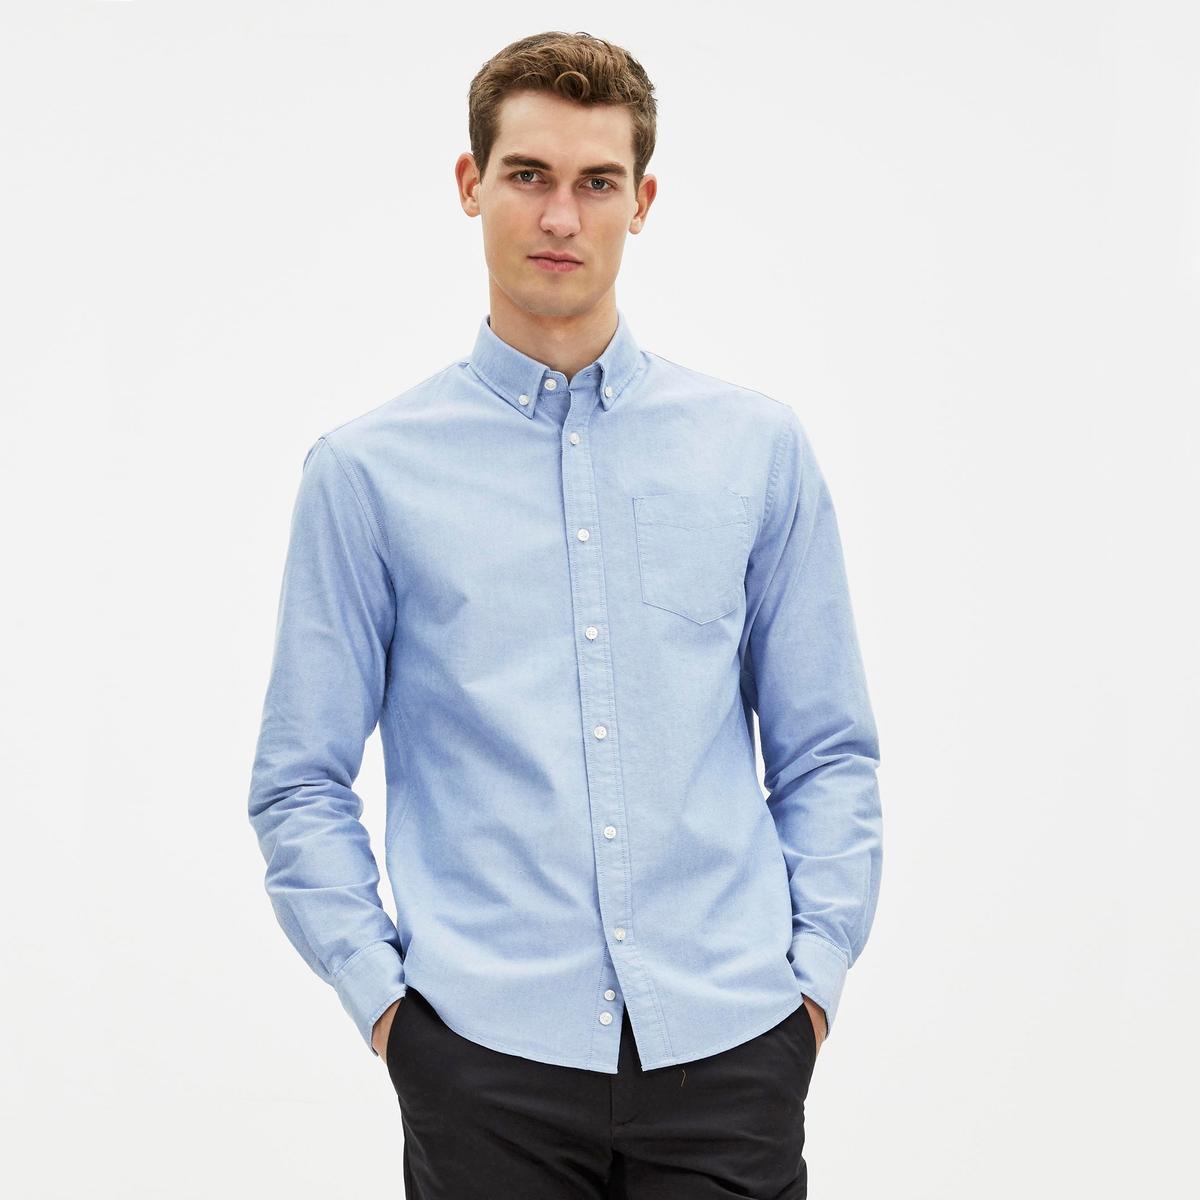 Рубашка узкого покроя GAOXFORD в стиле оксфорд